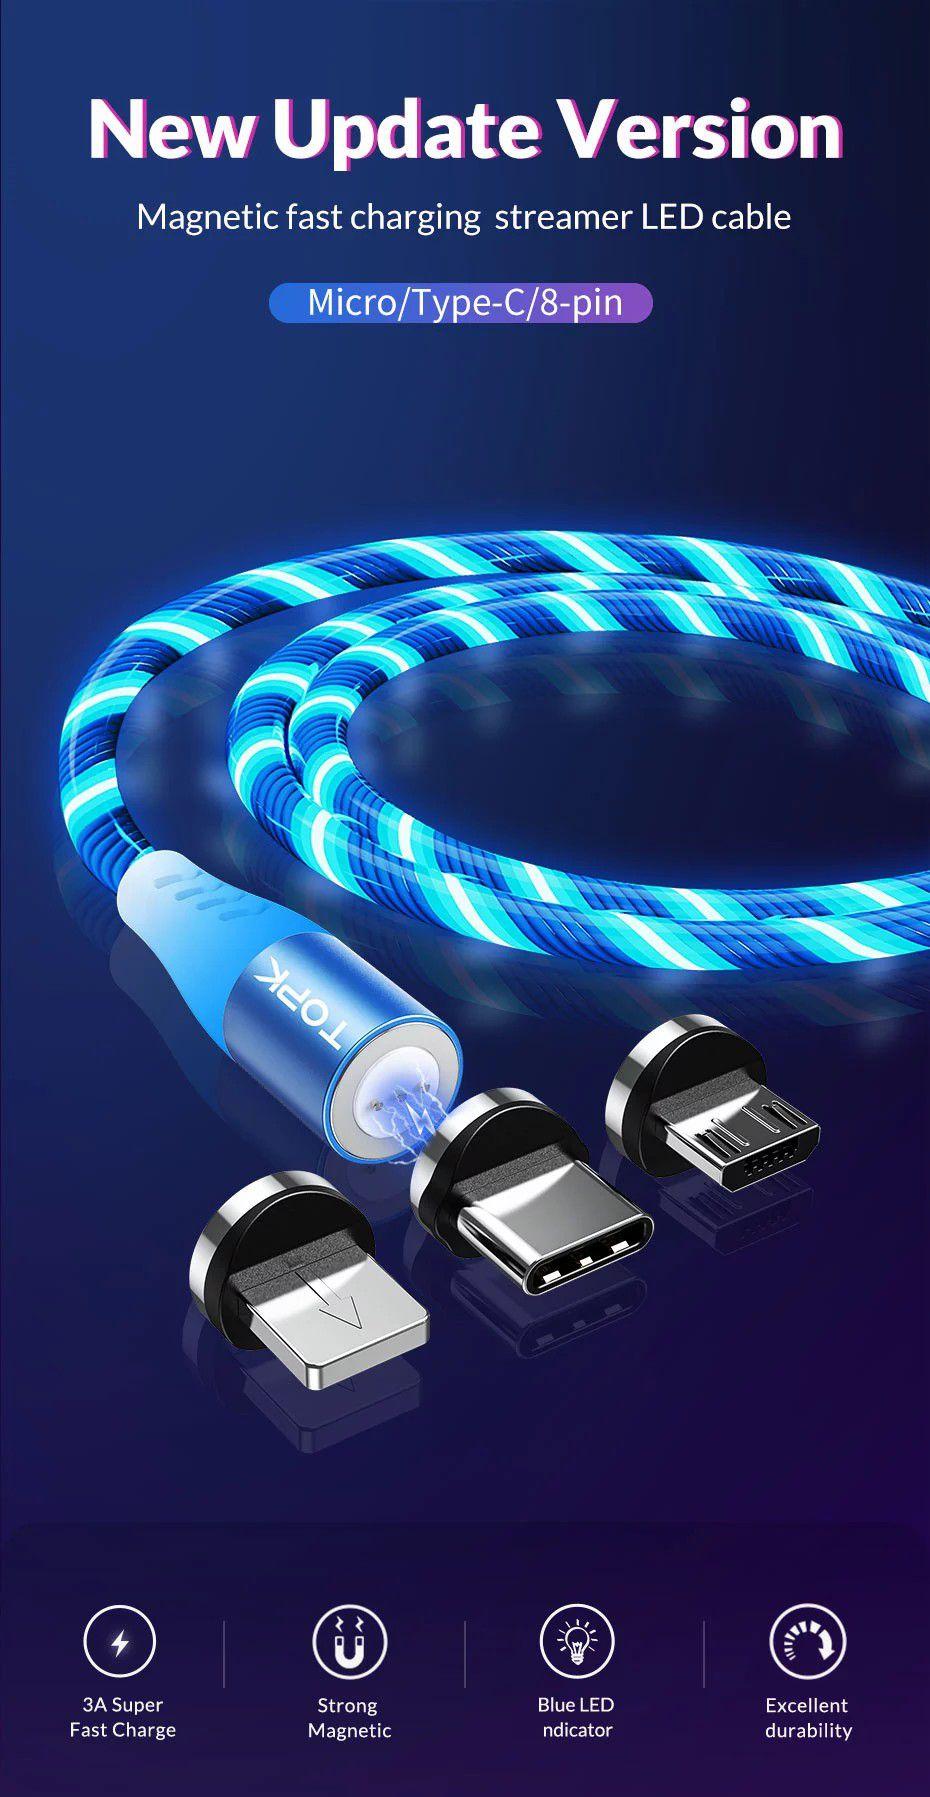 Cabo Magnético LED iluminado Turbo Quick Charge 3.0 - Micro USB, Tipo-C ou Lightning para iPhone - Azul, Vermelho, Verde ou RGB